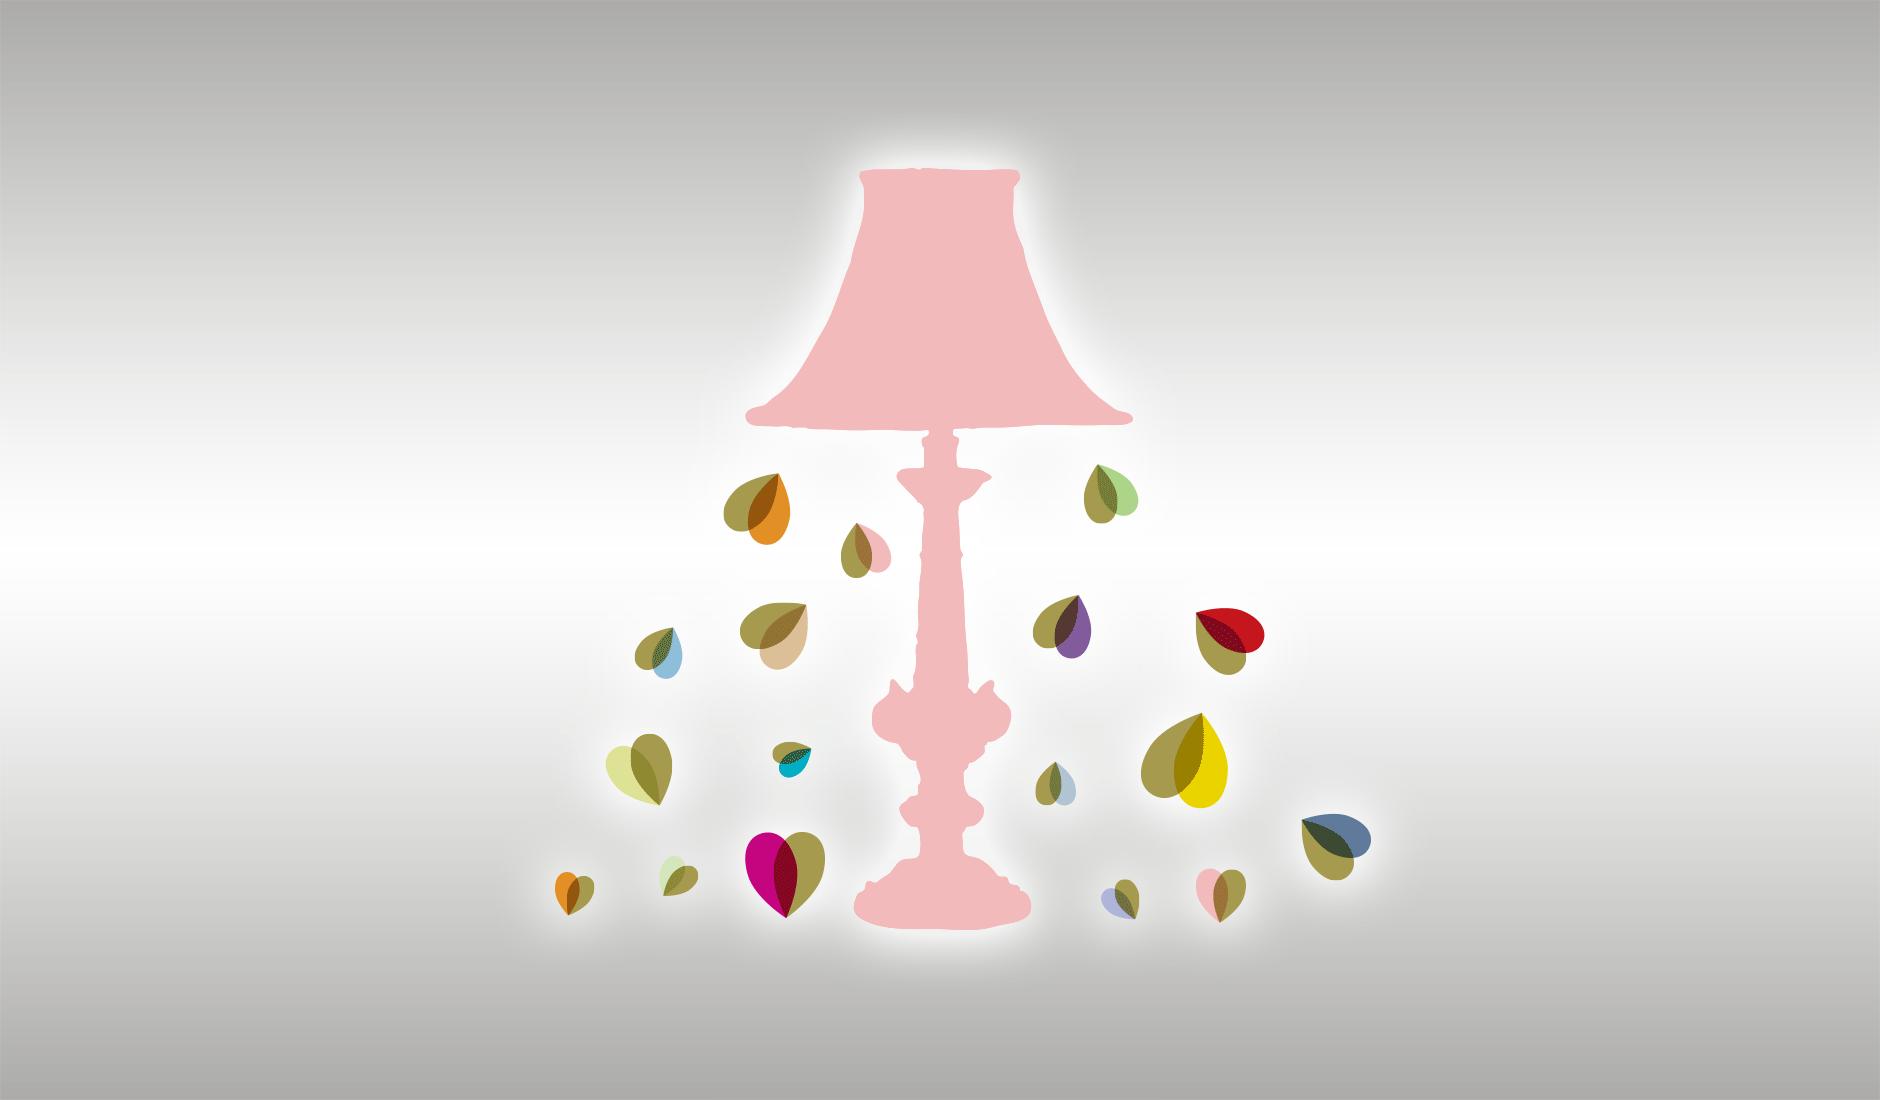 Illustratie voor Soullutions. Schemerlamp met lichtbundel van hartjes.